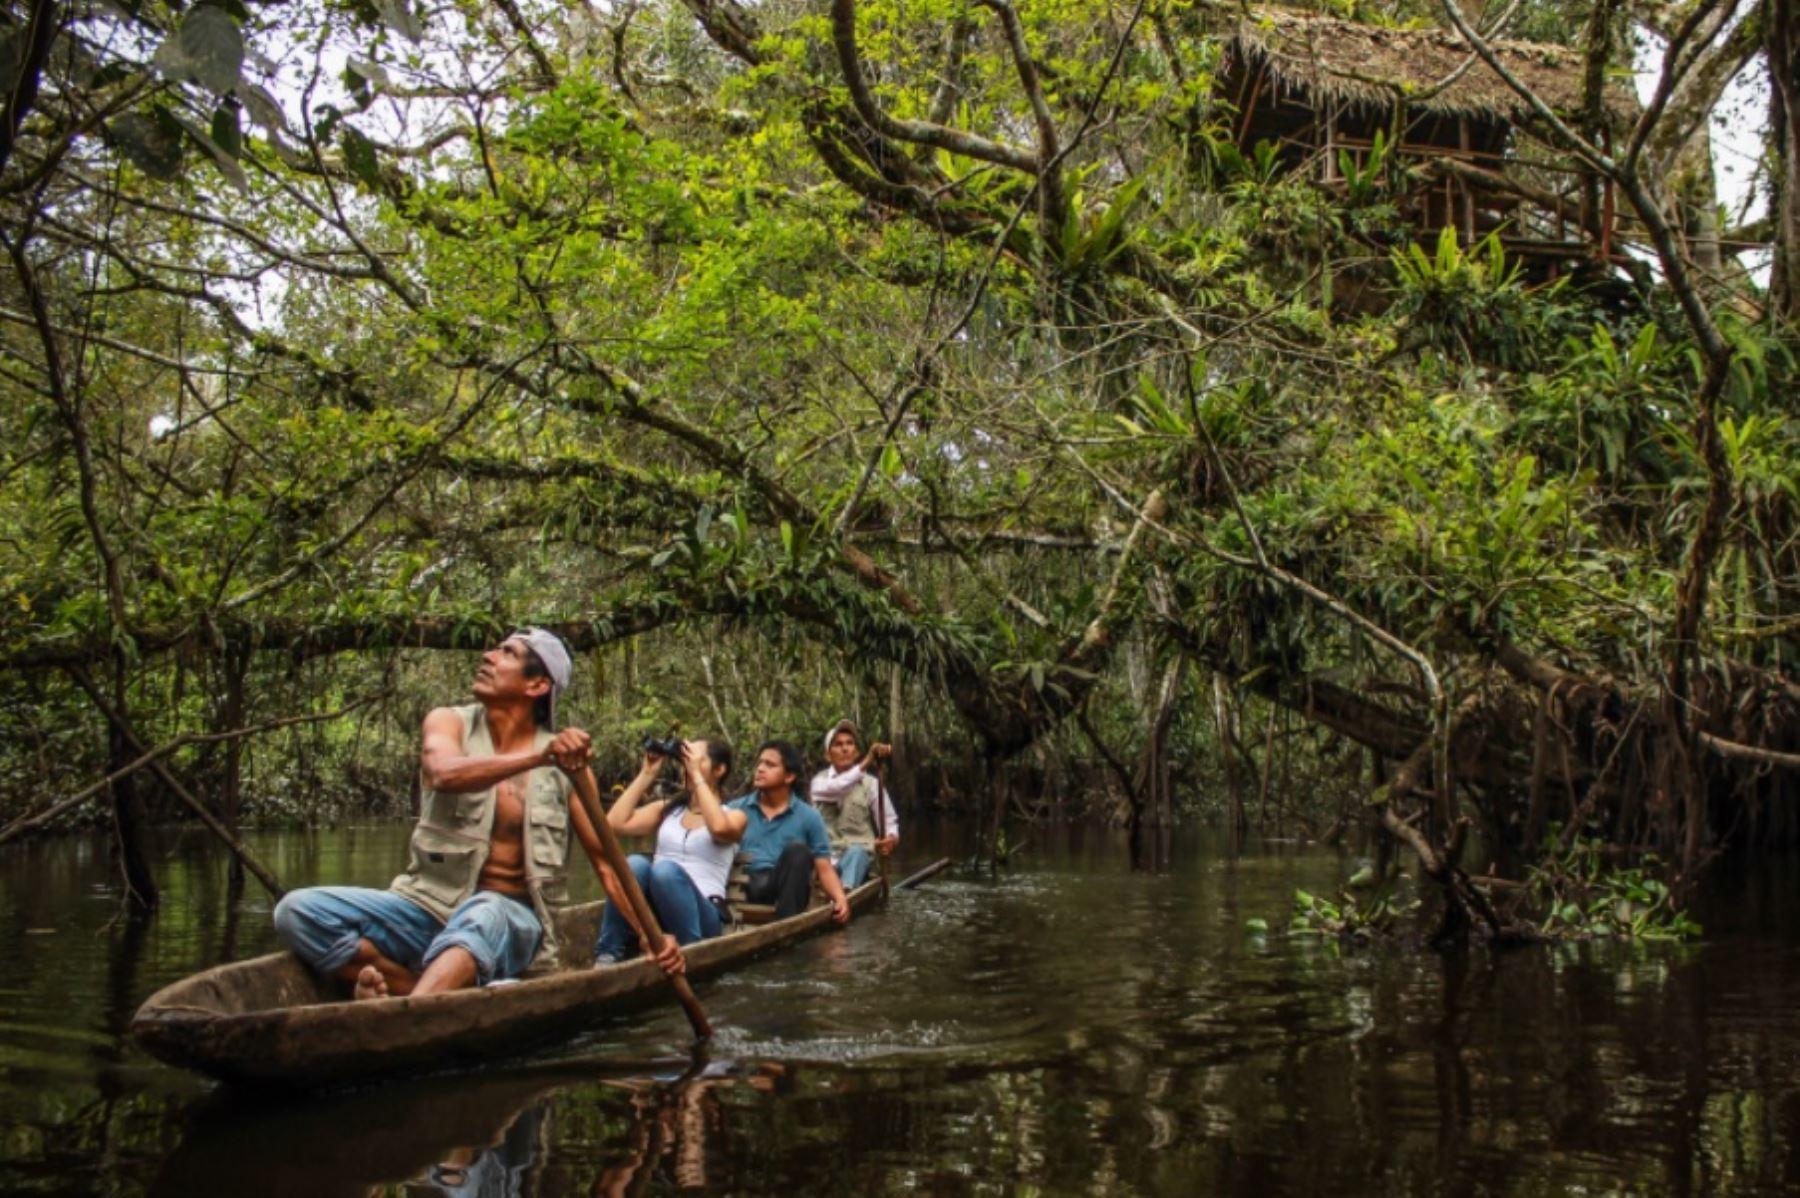 Las áreas naturales protegidas son espacios que permiten preservar la diversidad biológica del país, por lo que la actividad turística bien llevada, desde el punto de vista ambiental, no solo asegura su conservación sino también genera beneficios para la población. INTERNET/Medios